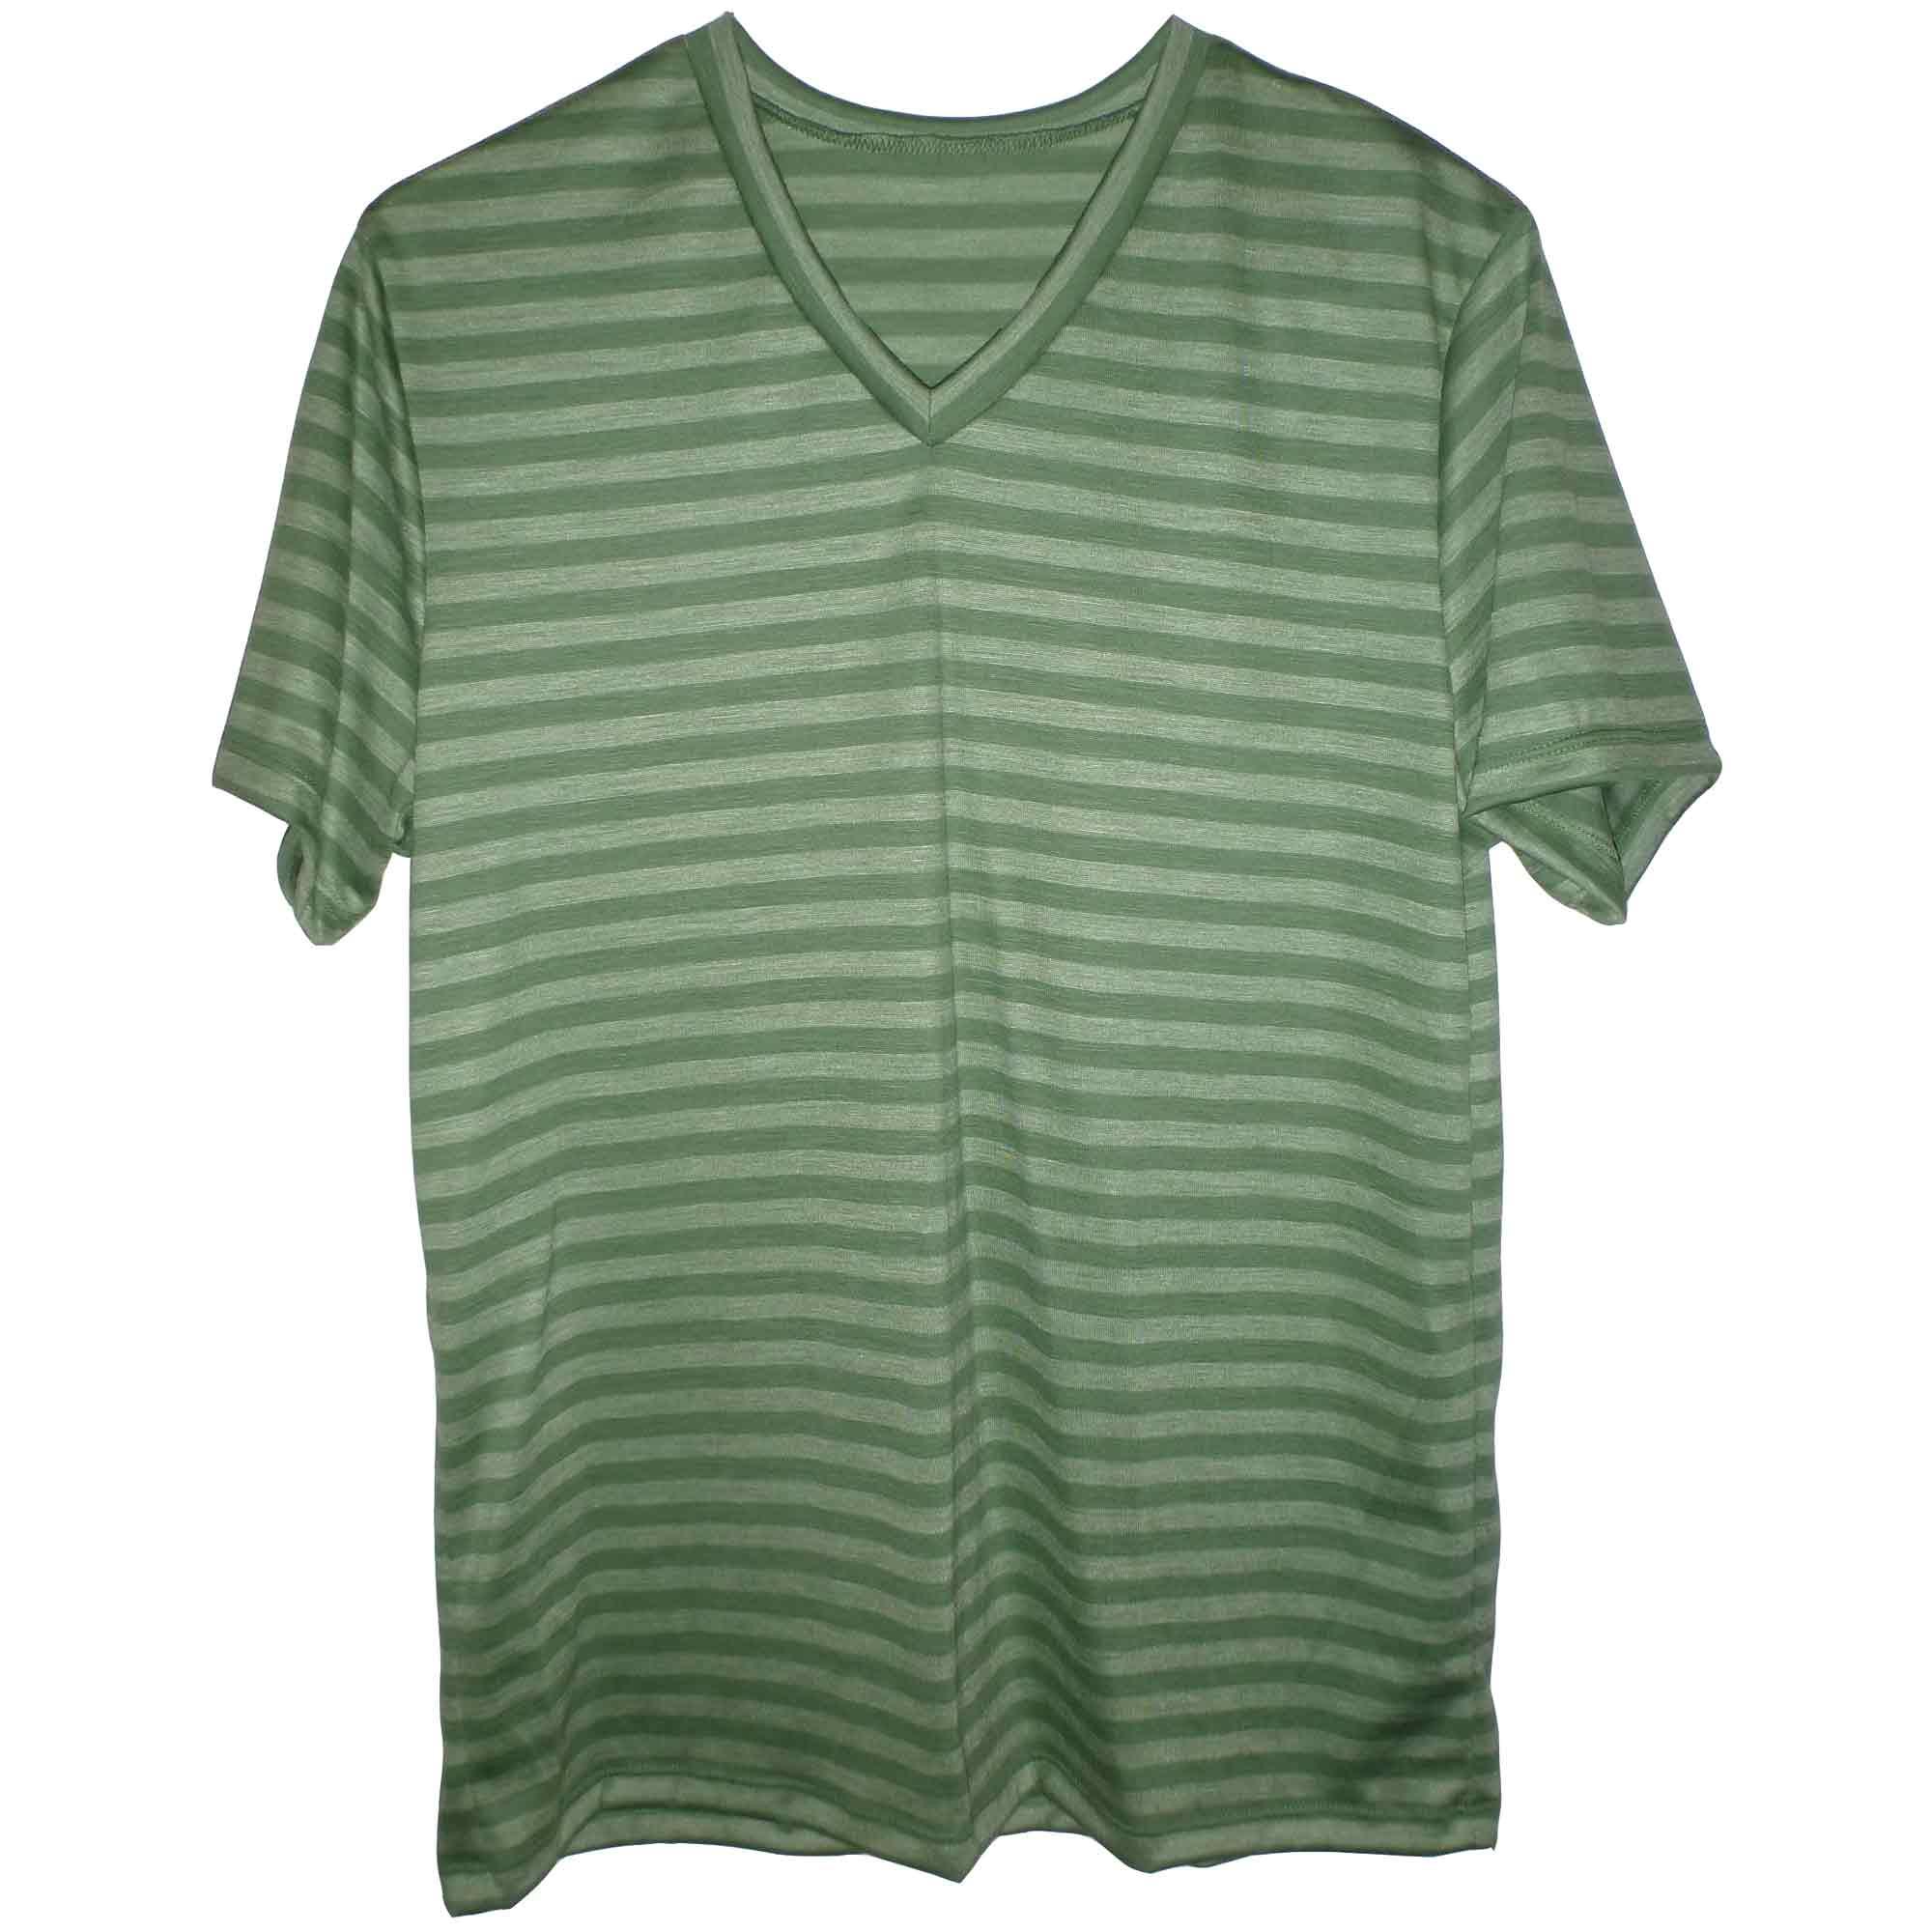 Green merino v-neck